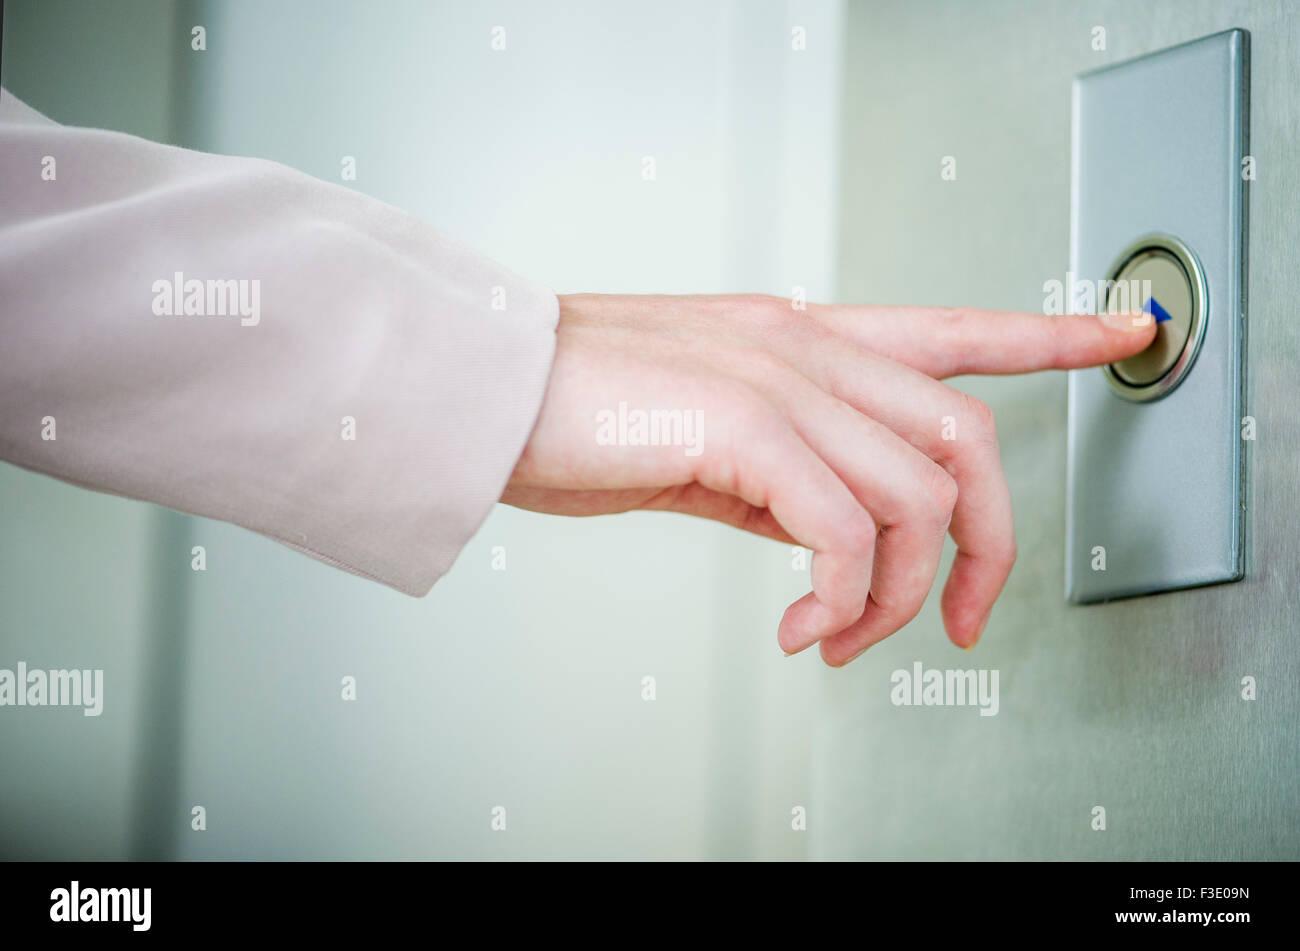 Pulsando el botón de llamada del elevador Imagen De Stock